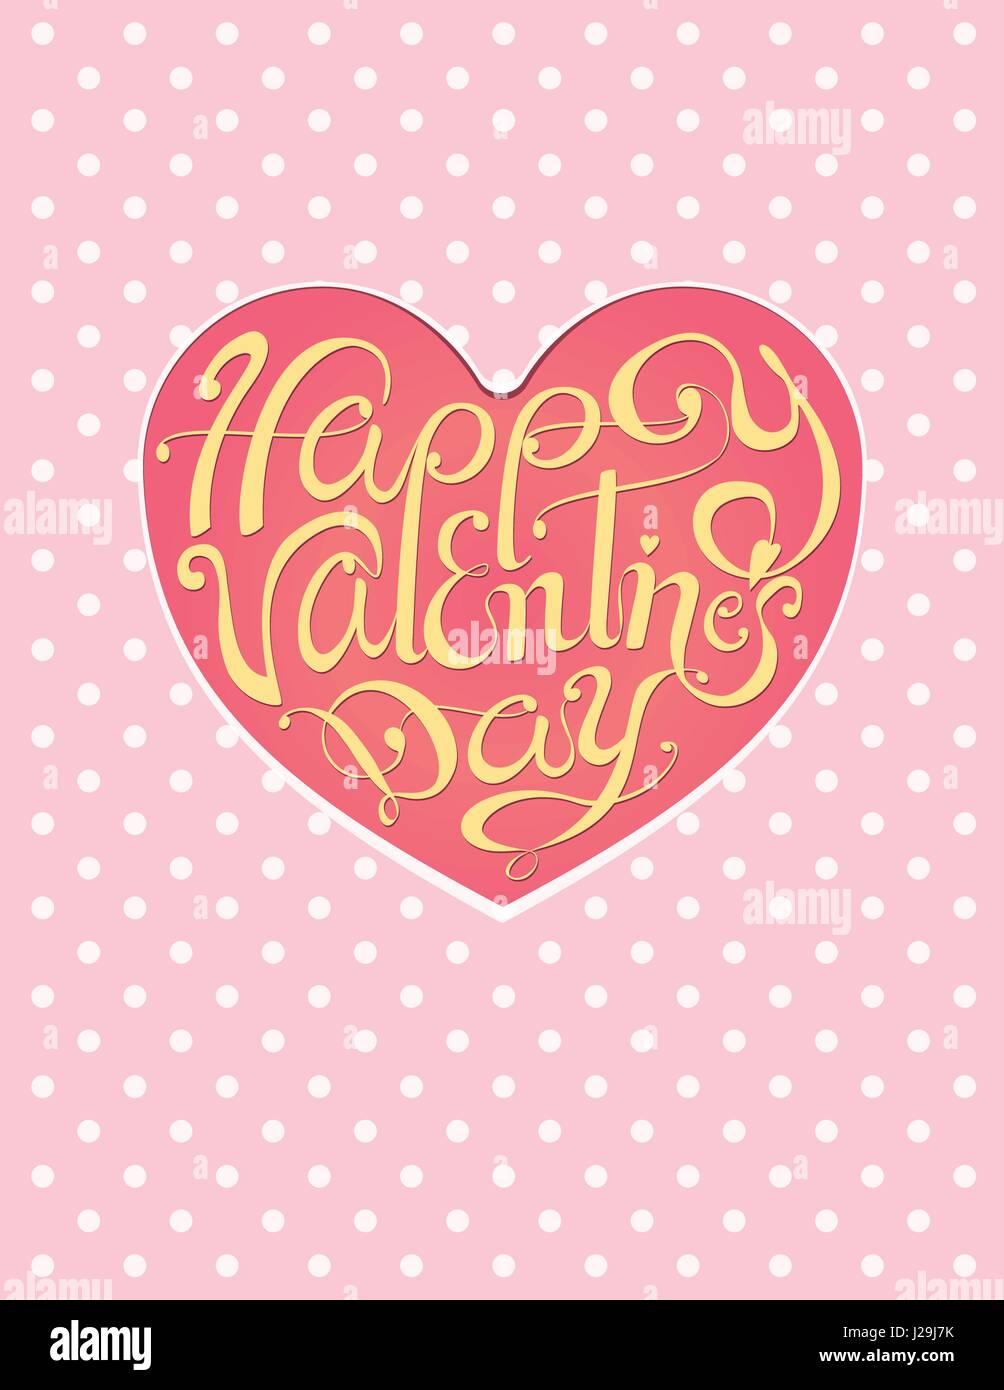 Felice Il Giorno Di San Valentino Vintage Scritte Sfondo Rosa A Pois